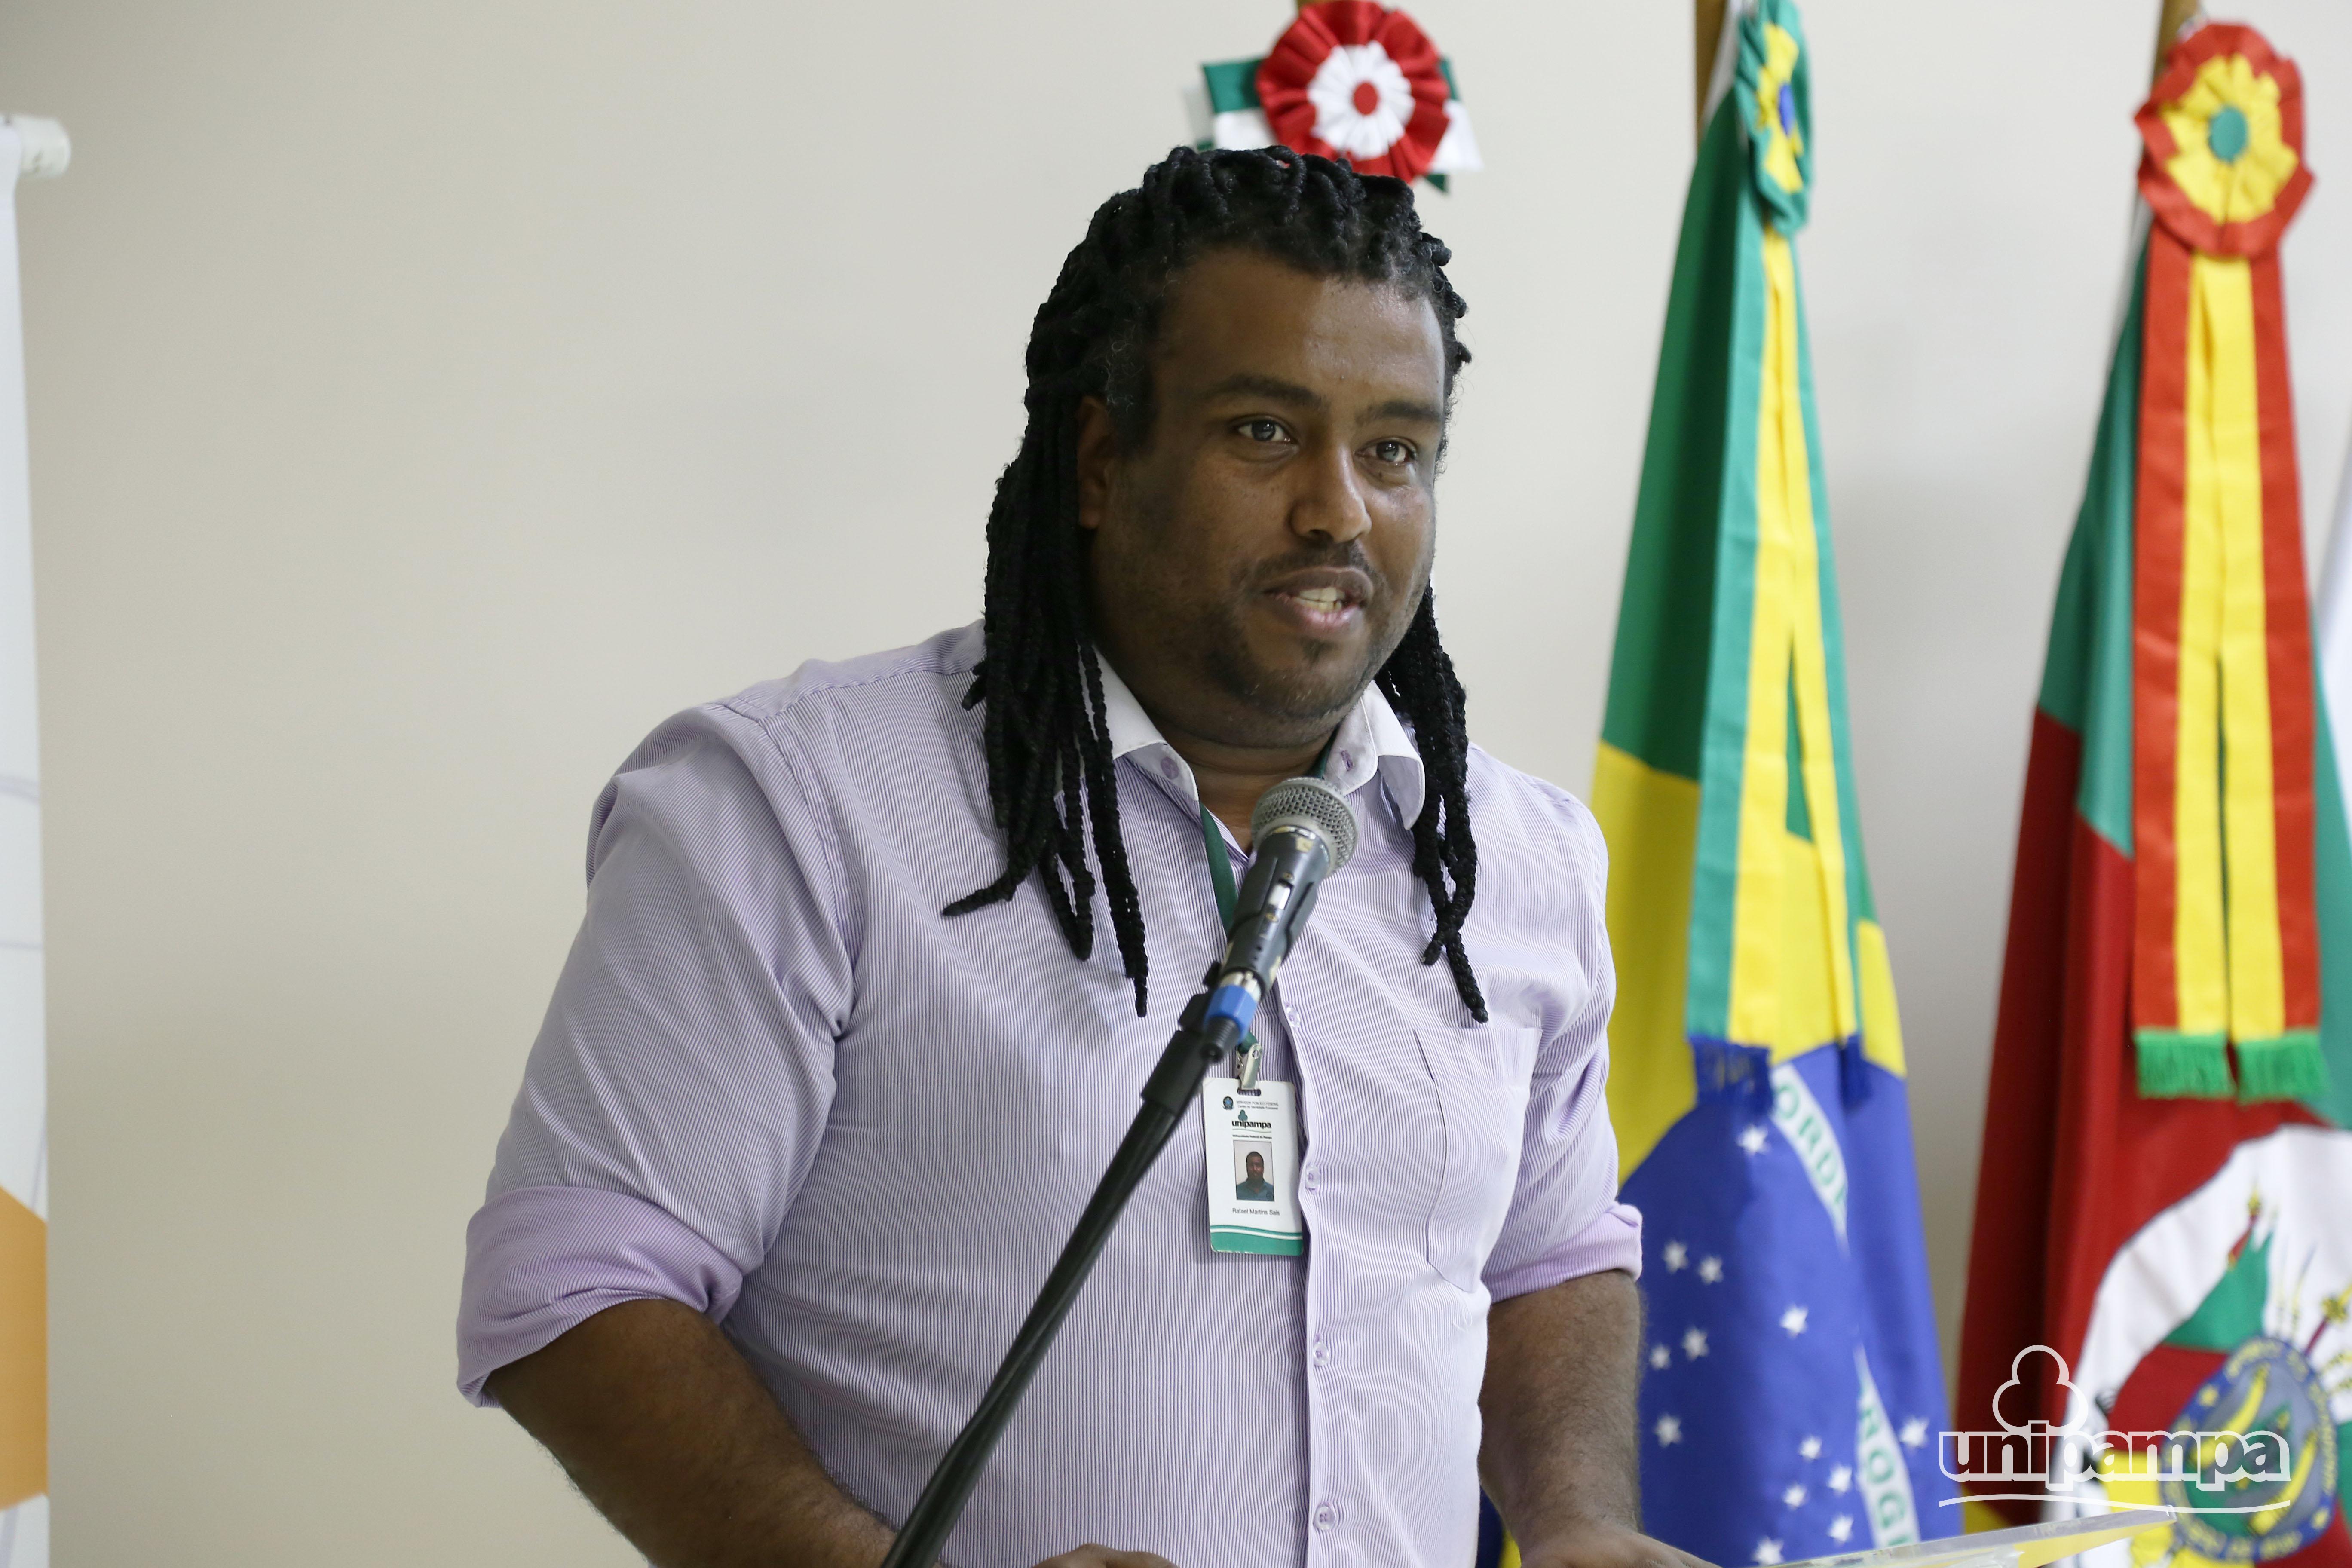 O administrador da Unipampa explicou a metodologia utilizada para elaboração do PDI. Foto: Ronaldo Estevam